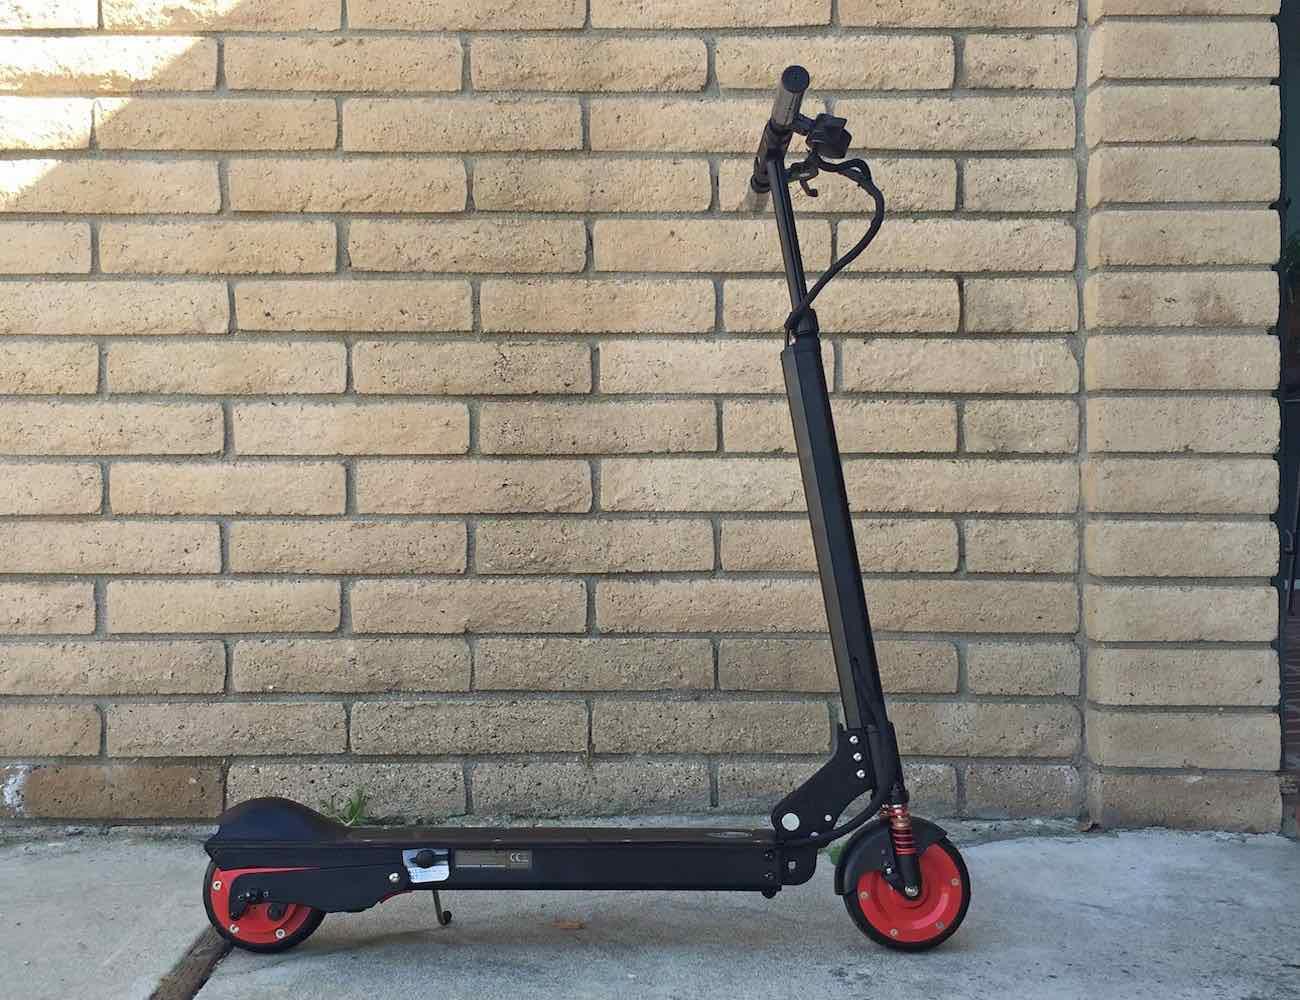 ecoreco-m5-e-scooter-02